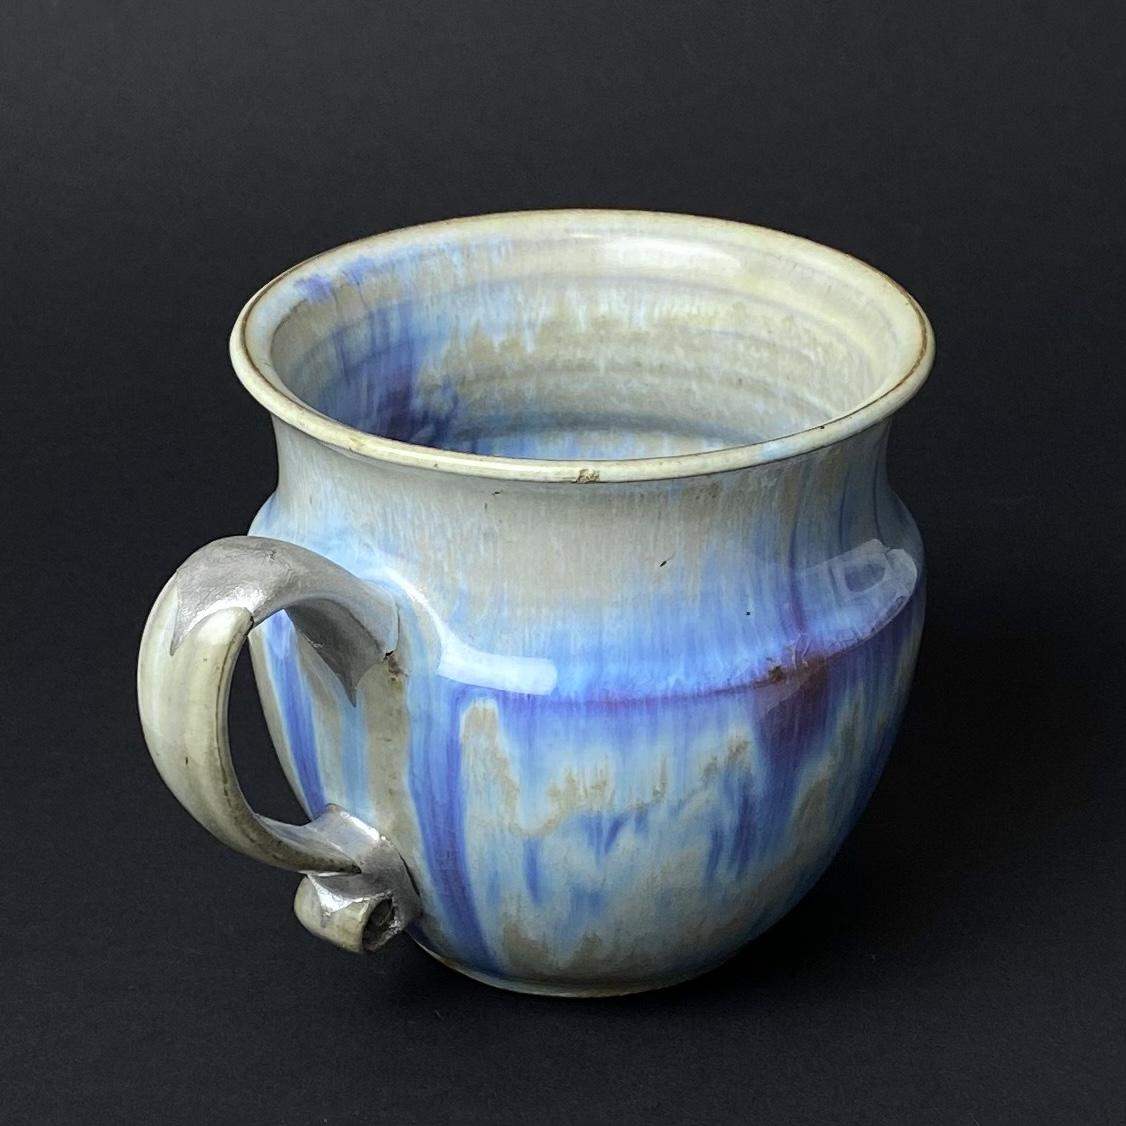 Reparatur einer Tasse mit Textilgewebe und Silber